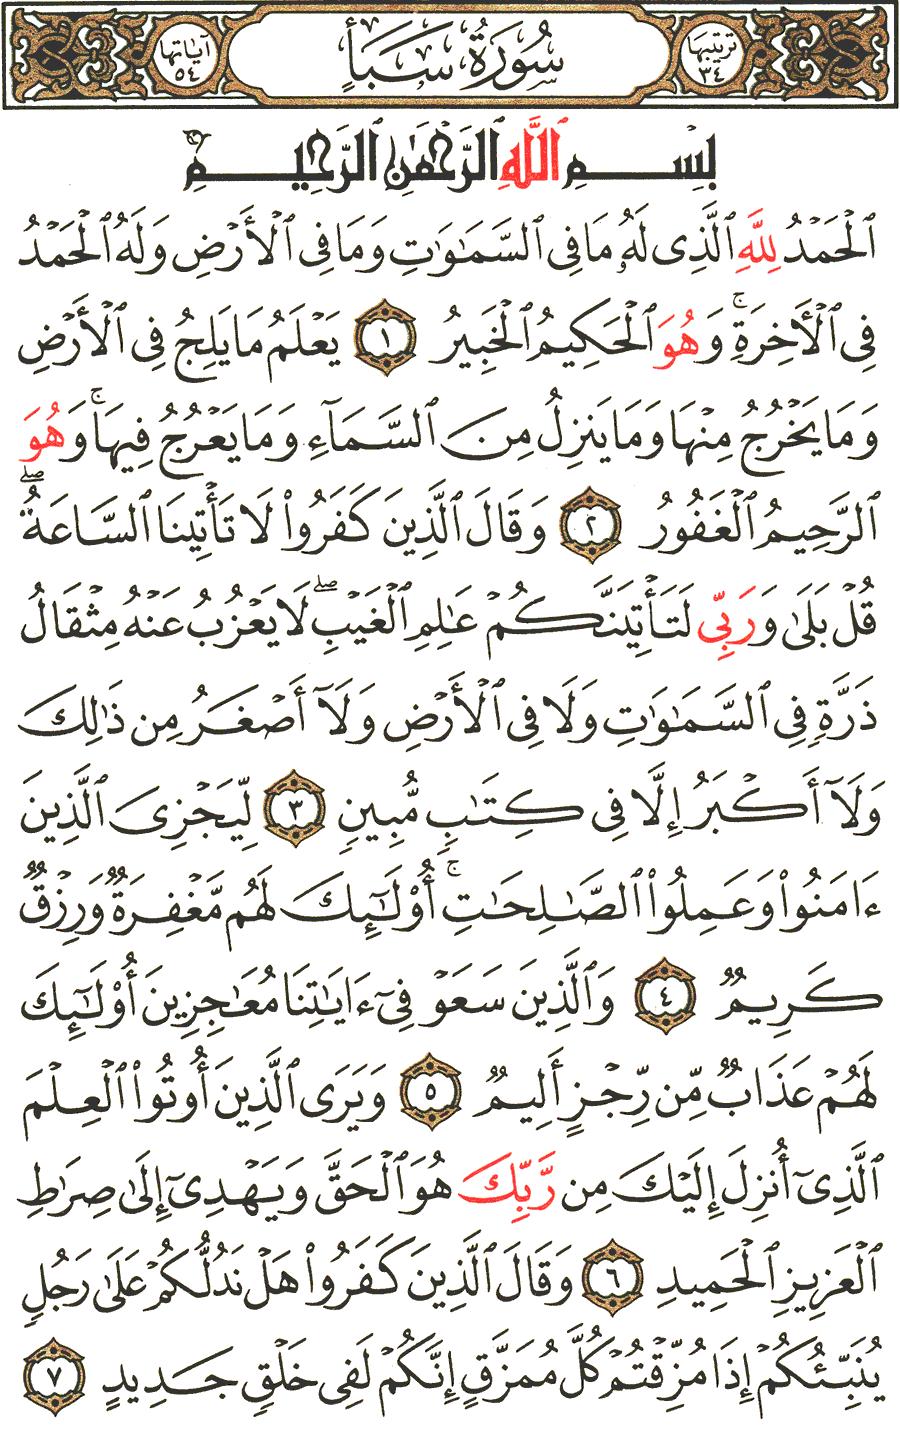 الصفحة رقم 428 من القرآن الكريم مكتوبة من المصحف